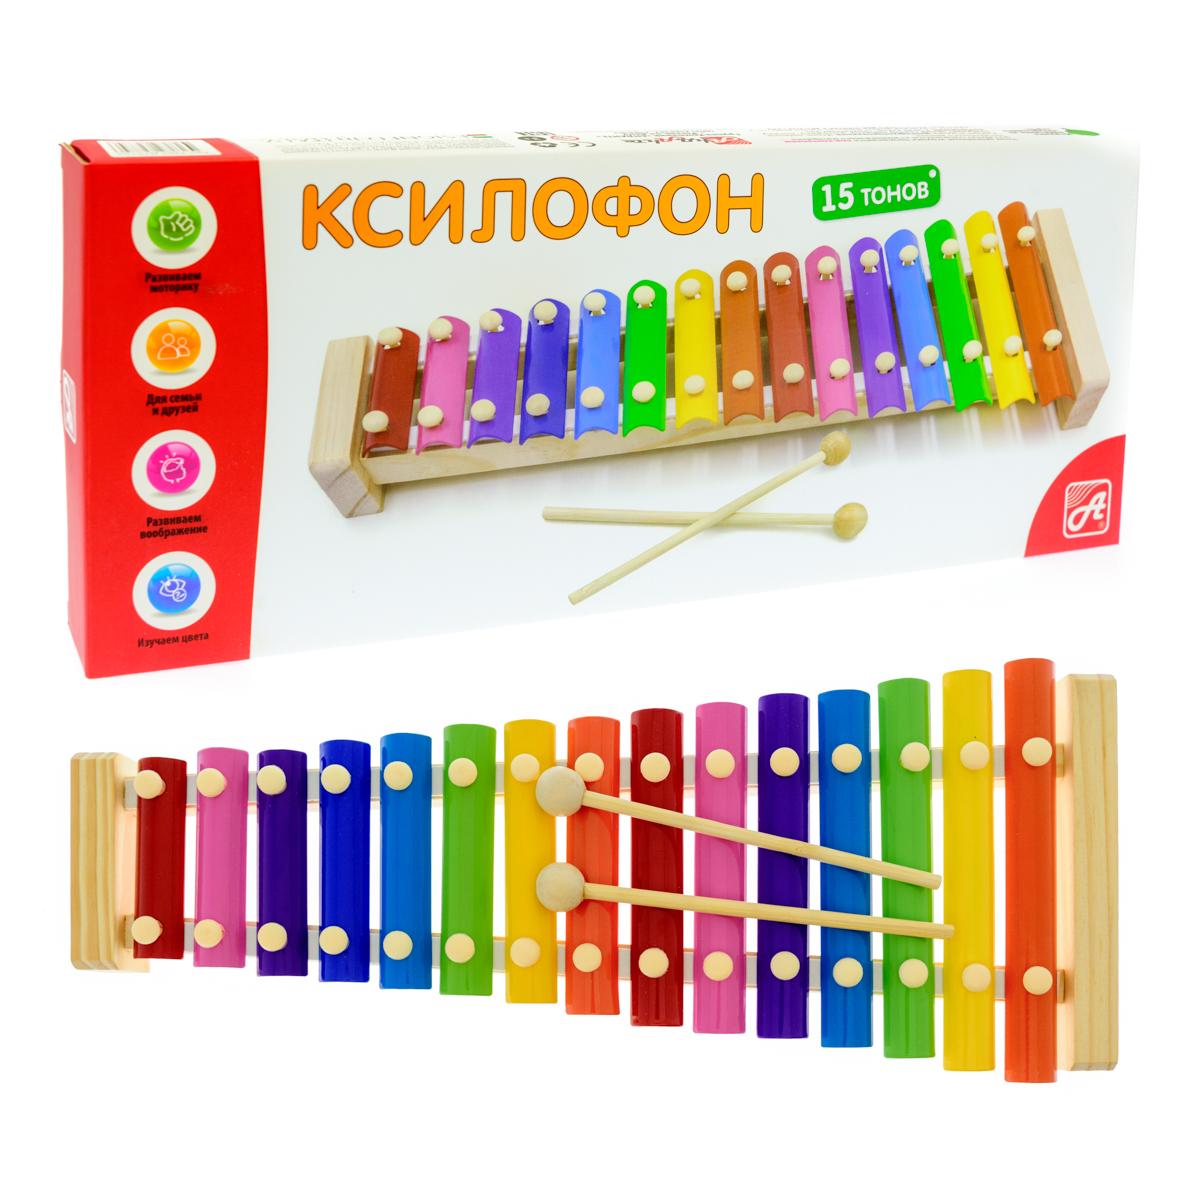 Ксилофон, металлический, 15 тонов